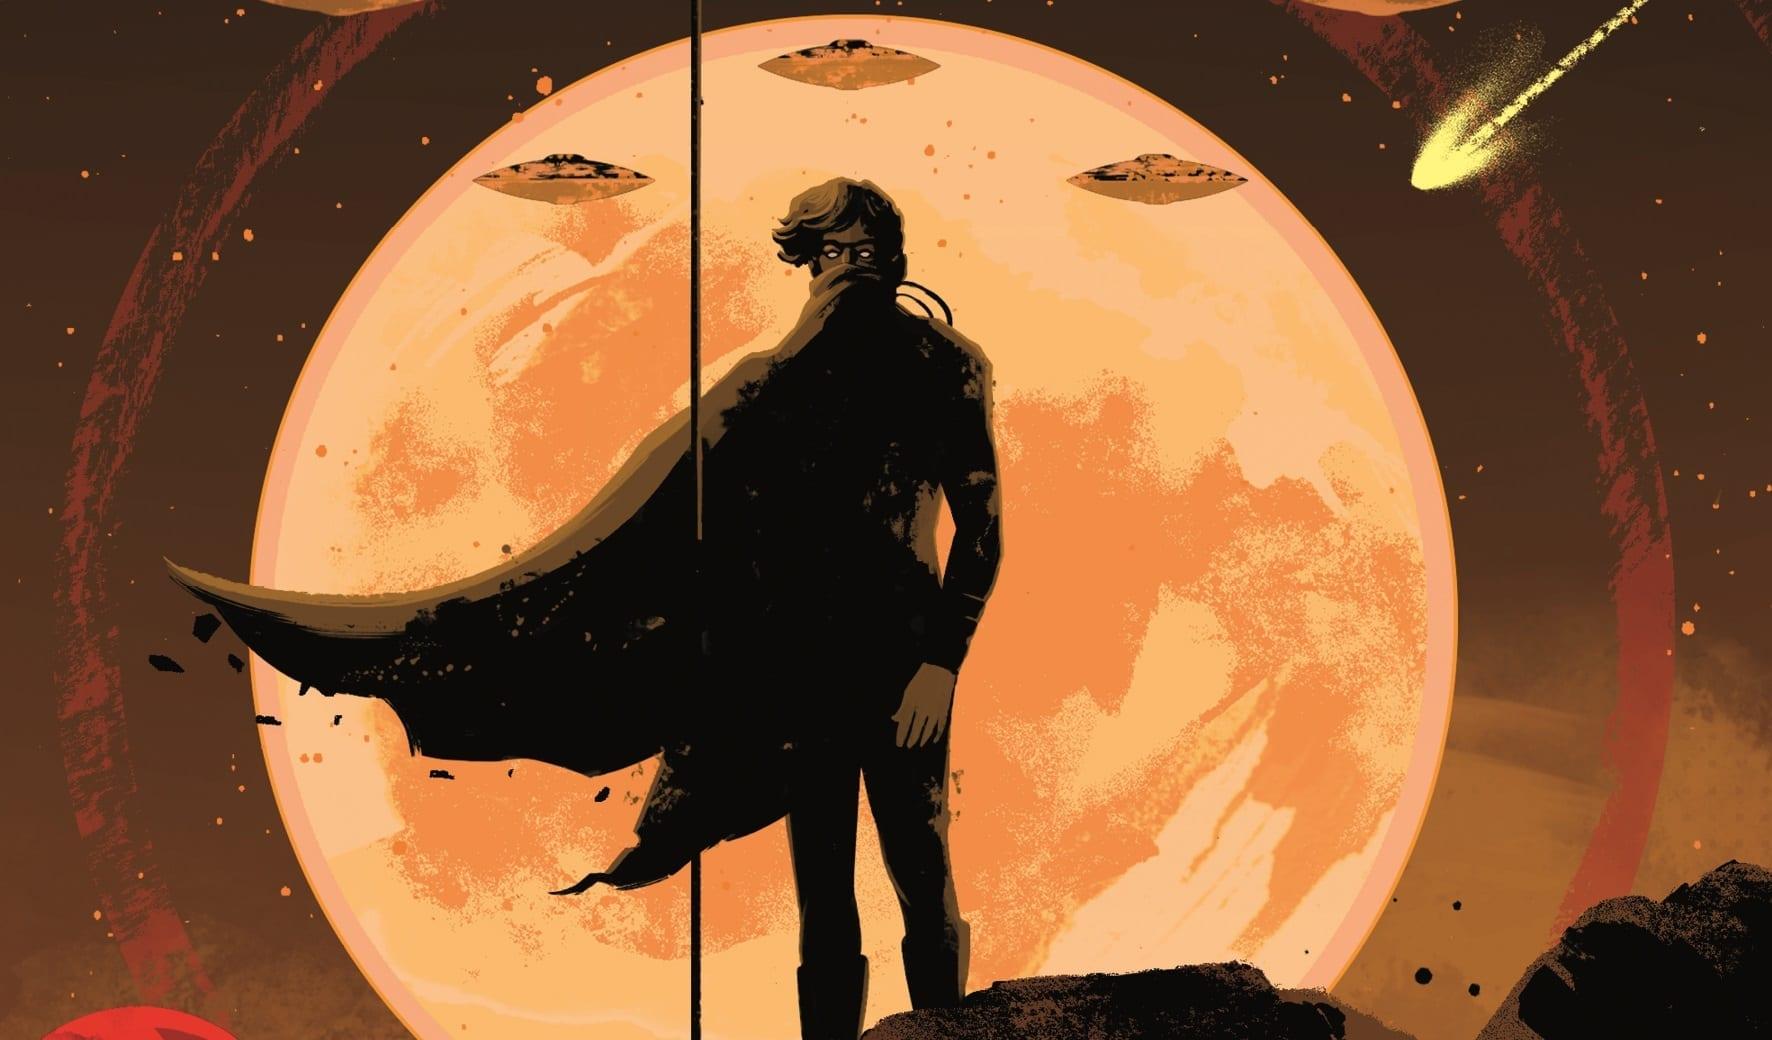 Dune: in libreria e fumetteria un saggio dedicato alla saga sci-fi